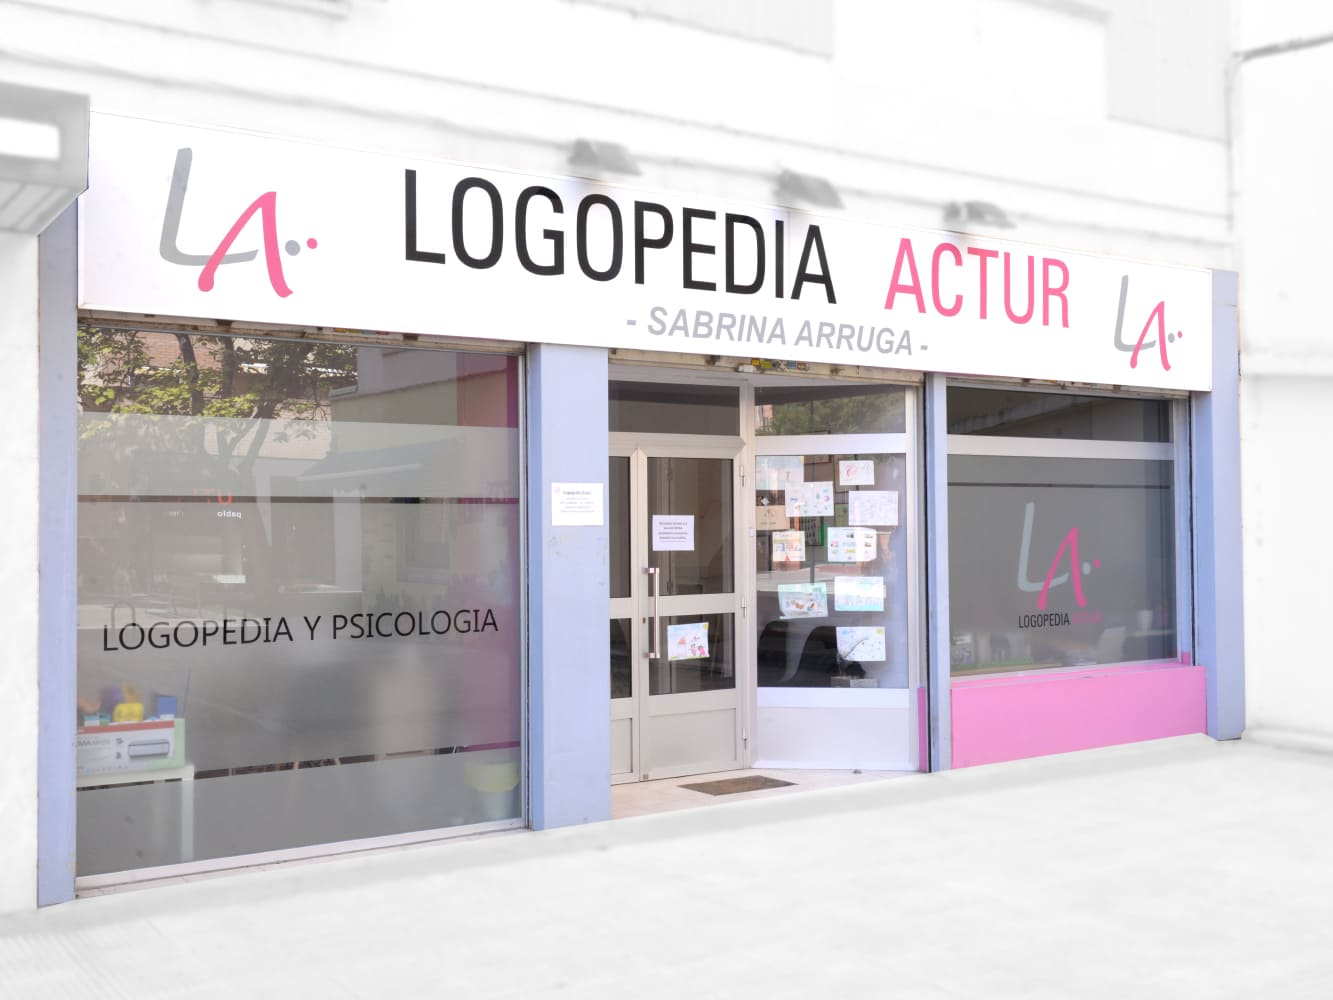 Logopedia y Psicología Actur - fachada